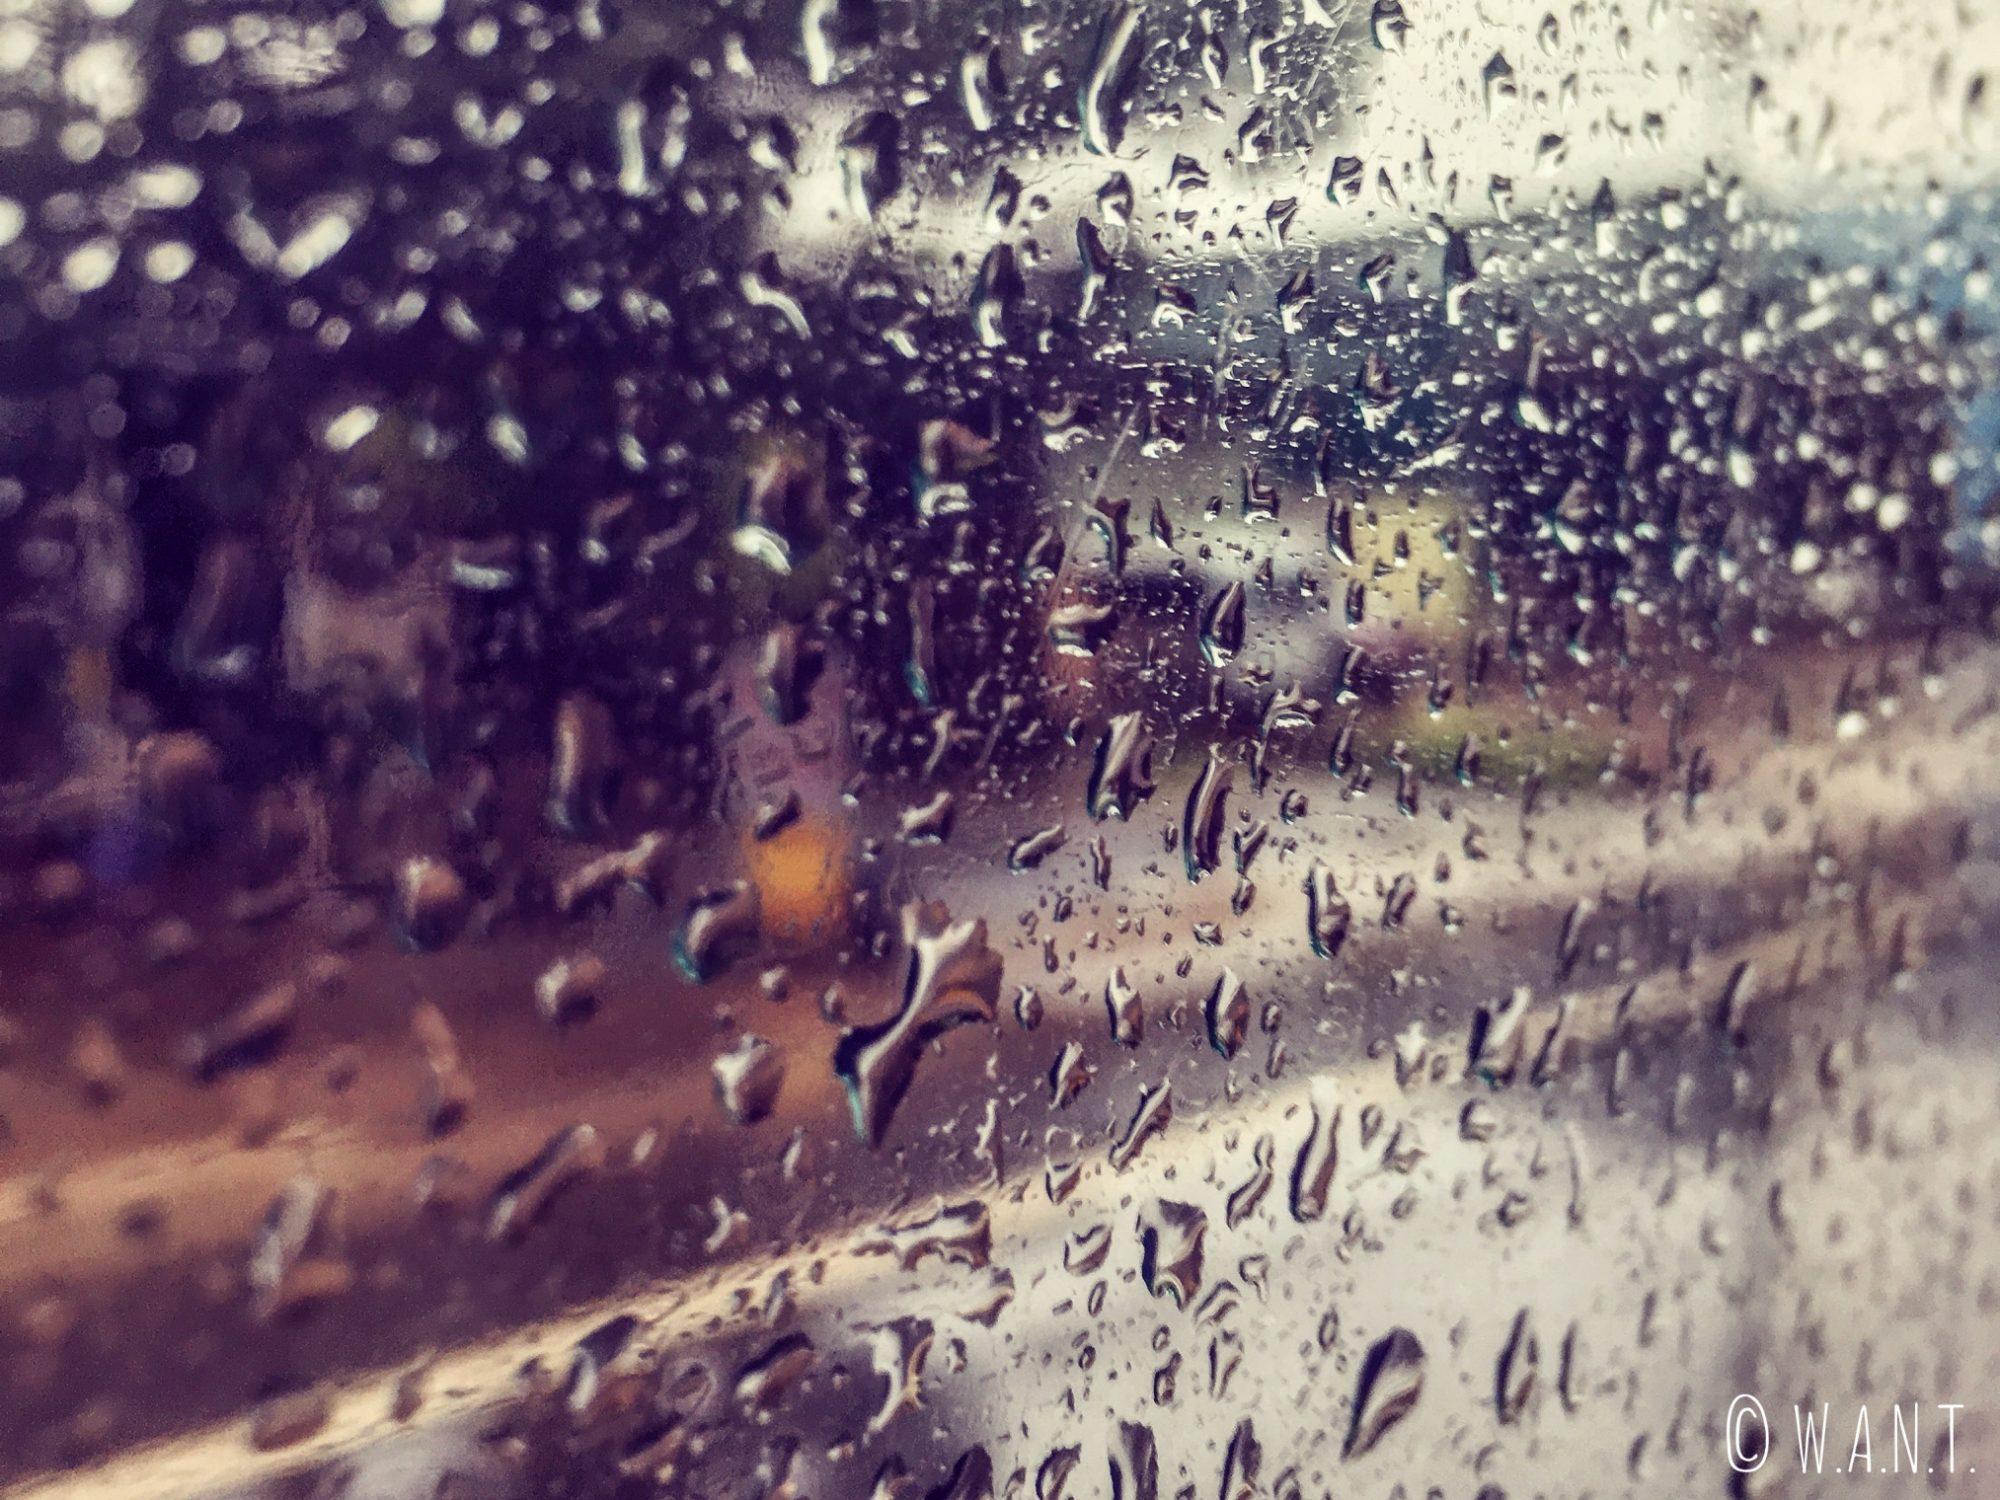 En arrivant à Da Lat, nous apercevons le déluge à travers la fenêtre du minibus